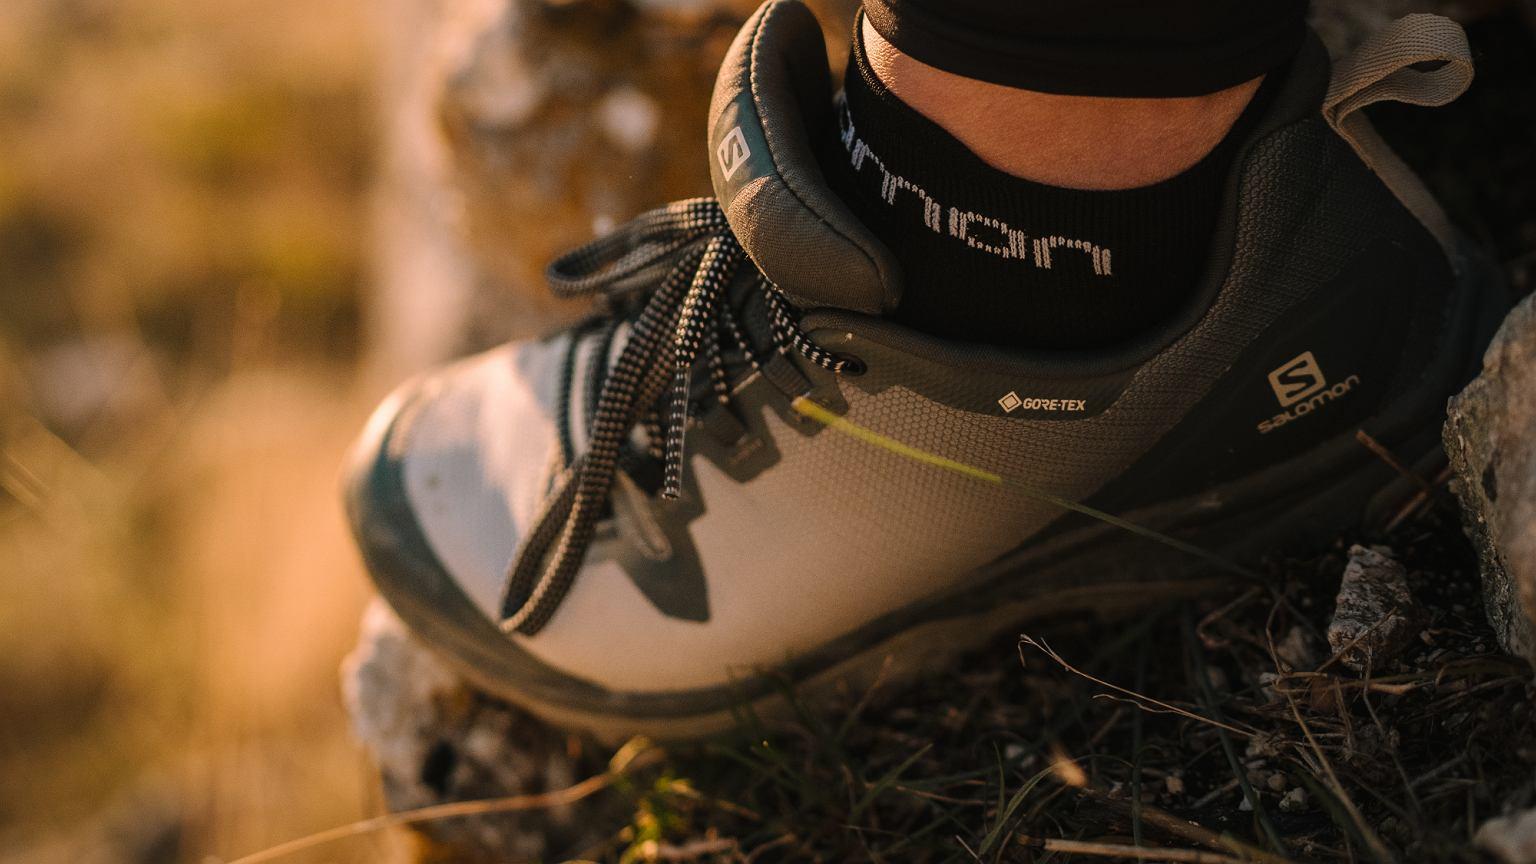 Buty pasujące do każdej stylizacji, także miejskiej